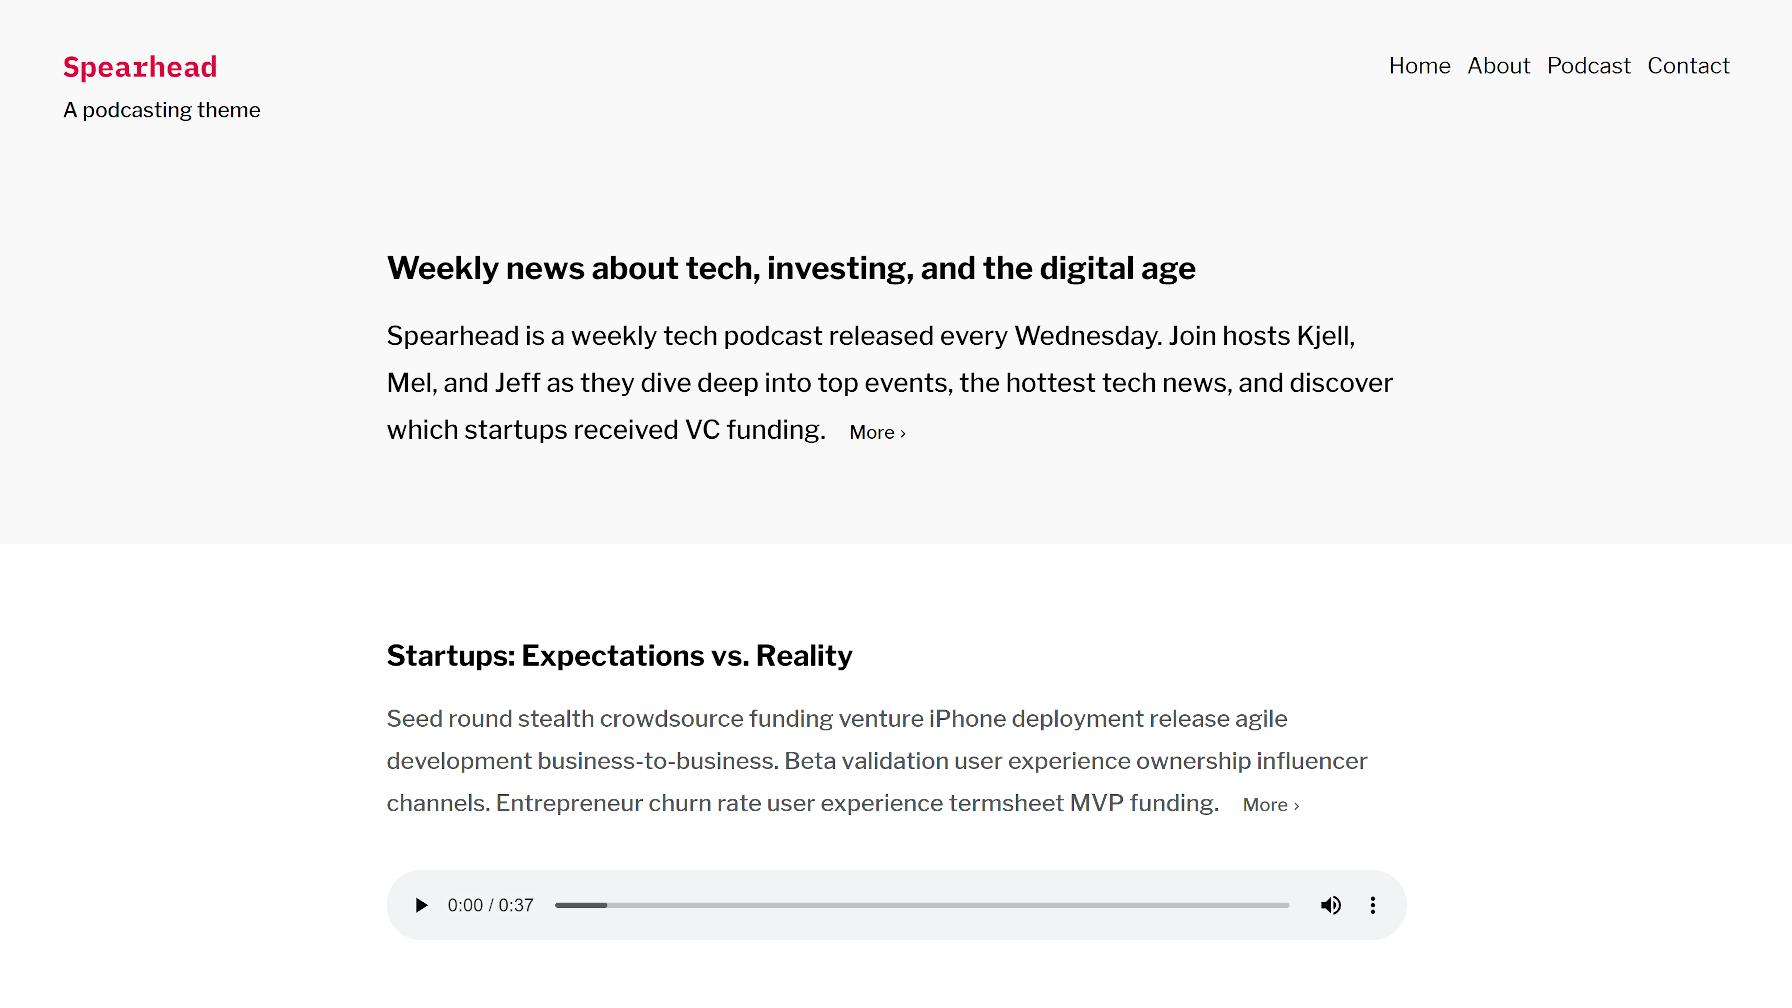 Sortie du contenu de la page d'accueil / articles du thème WordPress Spearhead.